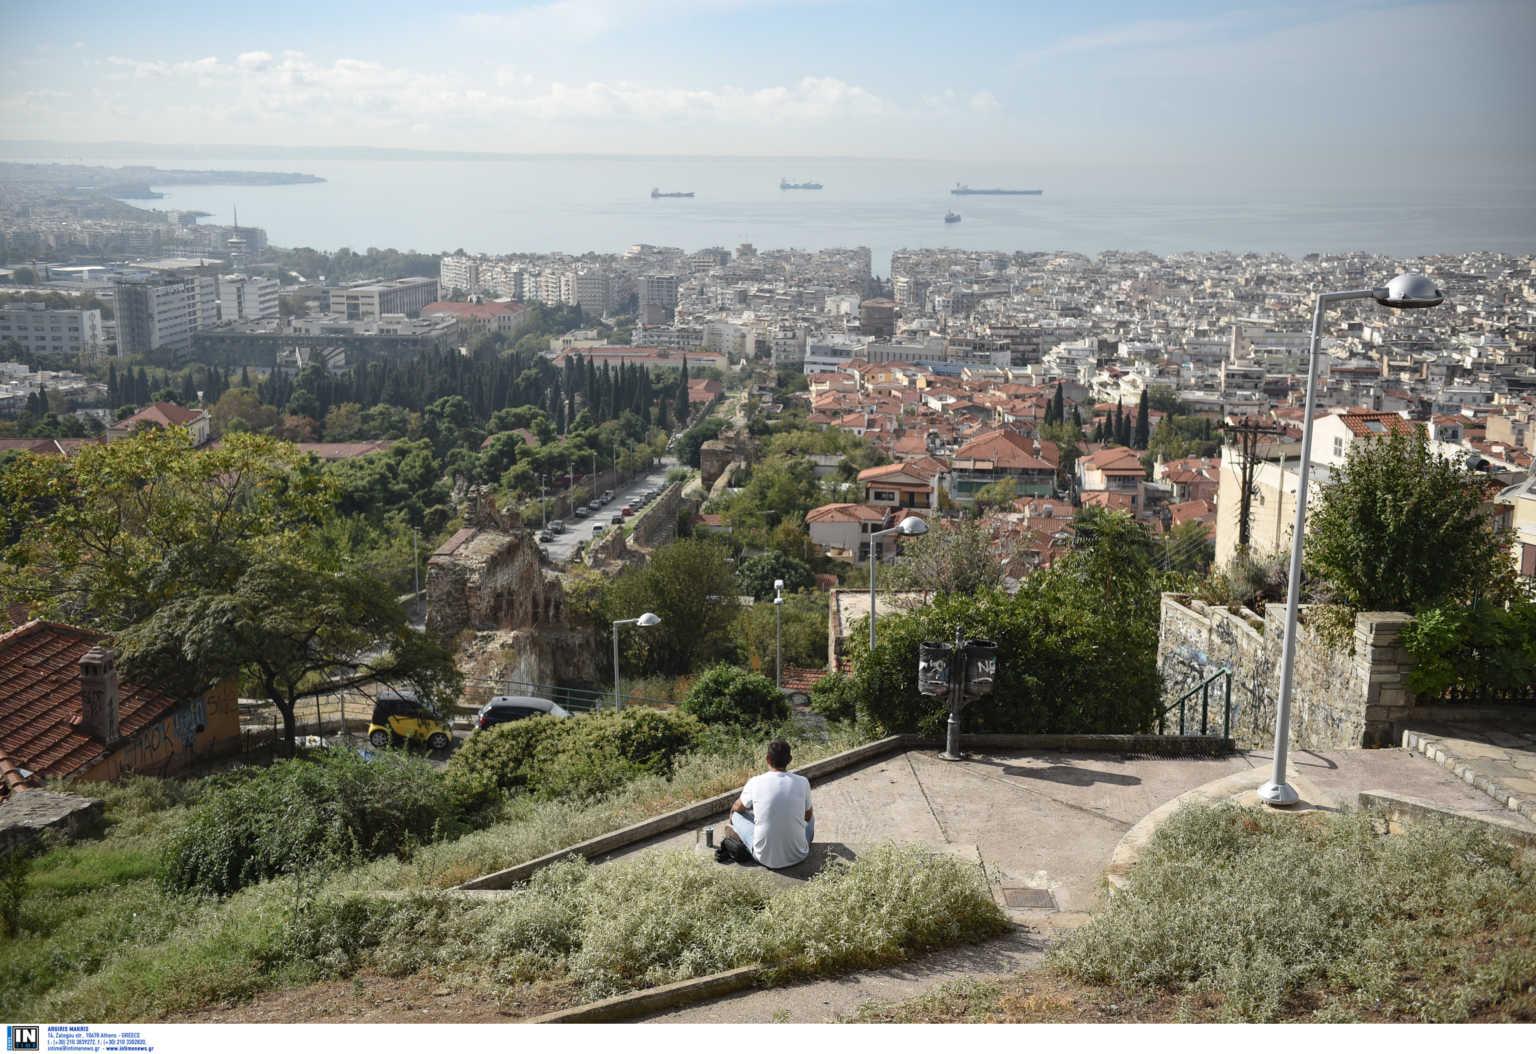 Πρύτανης ΑΠΘ: Ευχάριστα νέα για την Θεσσαλονίκη – «Βλέπει» στα λύματα επιπέδωση της καμπύλης